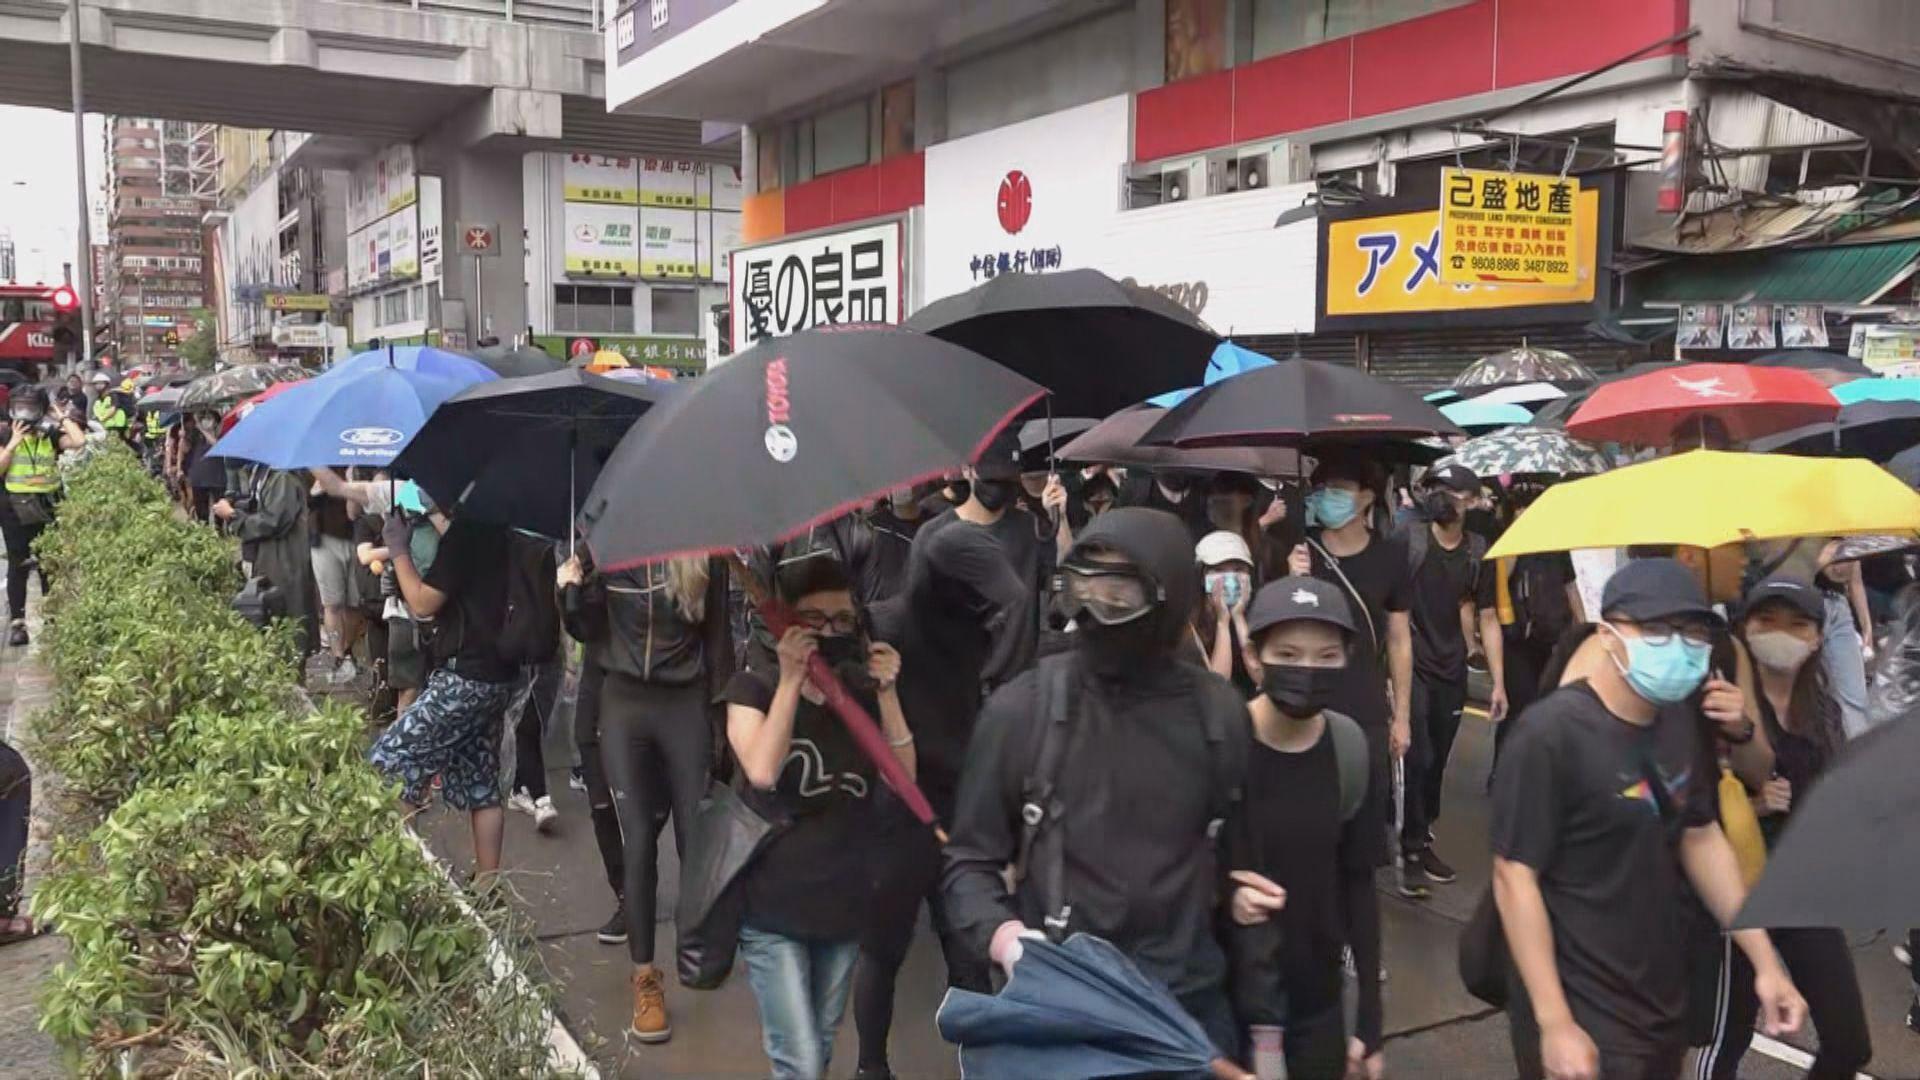 陳淑莊:政府稱證明有需要訂立禁蒙面法可笑